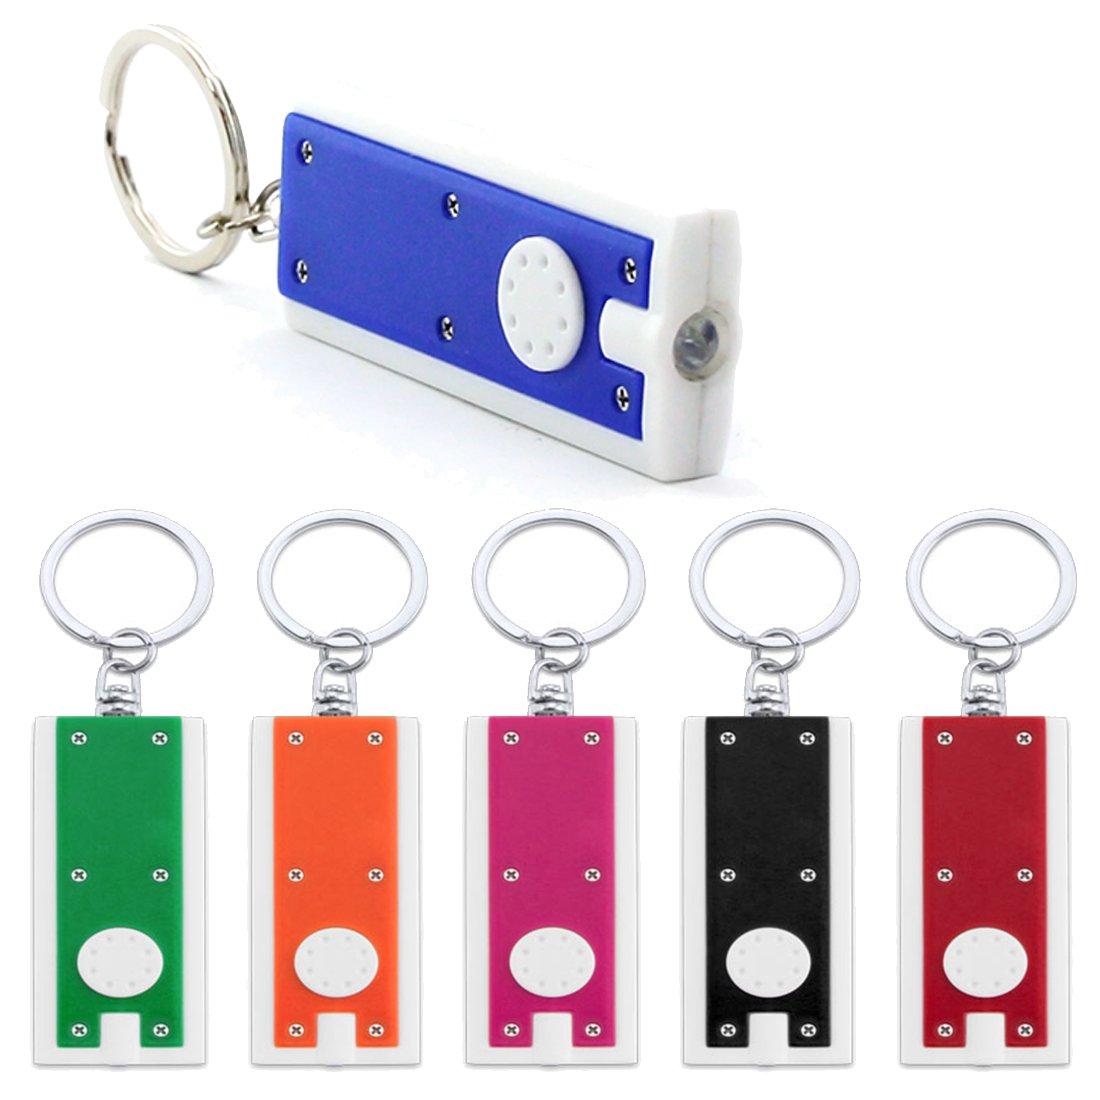 12 Spielzeug Mitgebsel Stück Mit Taschenlampe Schlüsselanhänger zSVqUpM